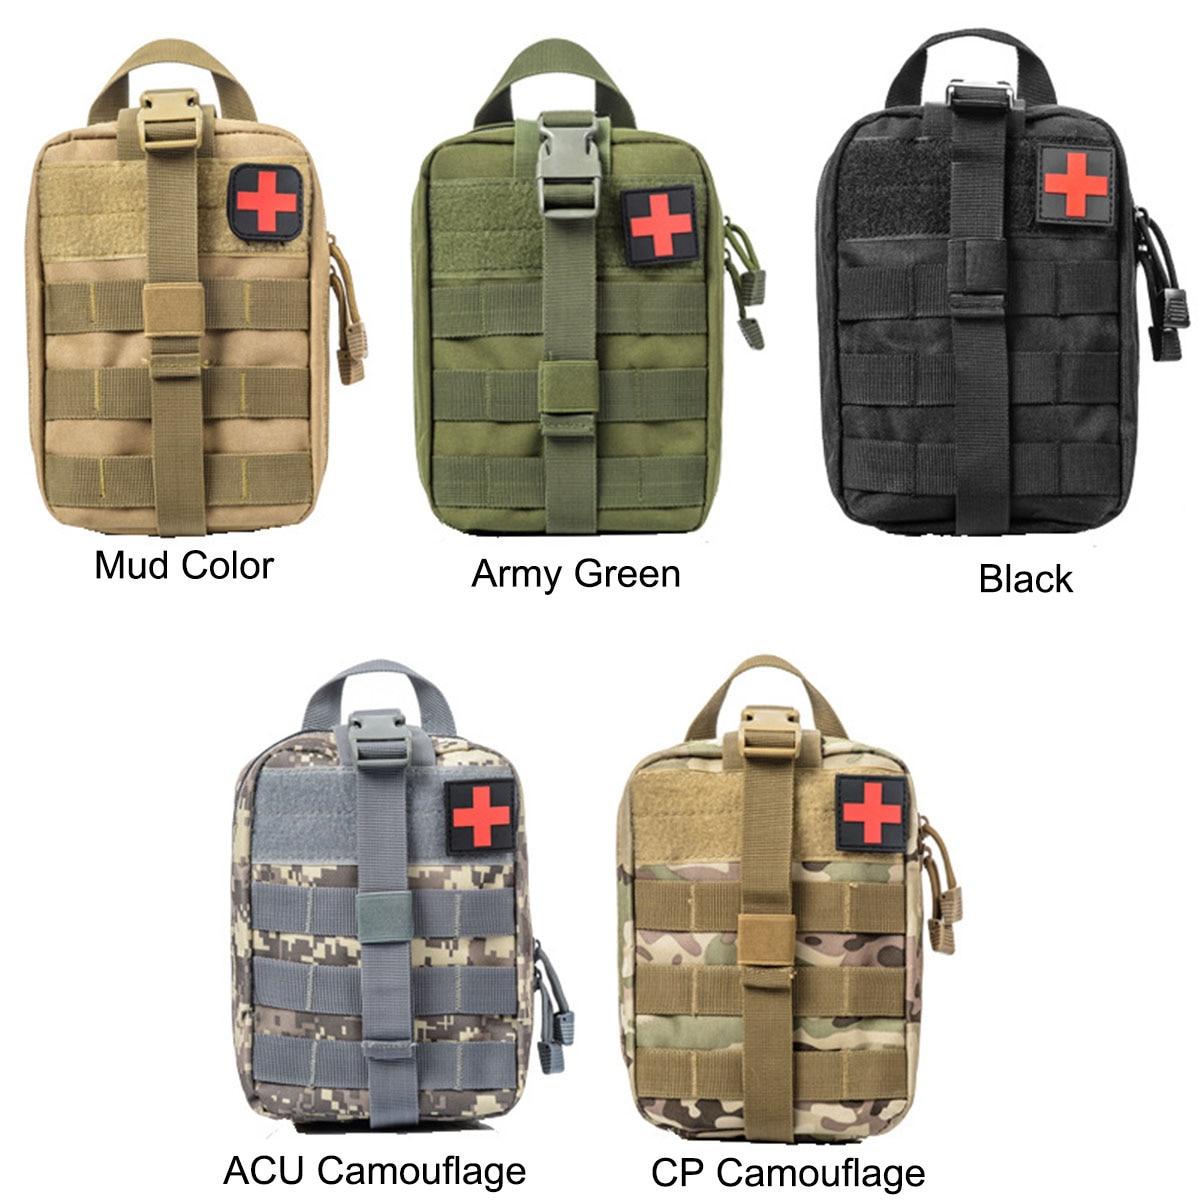 600D Nylon Tático Ao Ar Livre Saco Médico Kit de Primeiros Socorros Multifuncional Pacote de Viagem Saco de Acampamento de Escalada Caso de Sobrevivência de Emergência